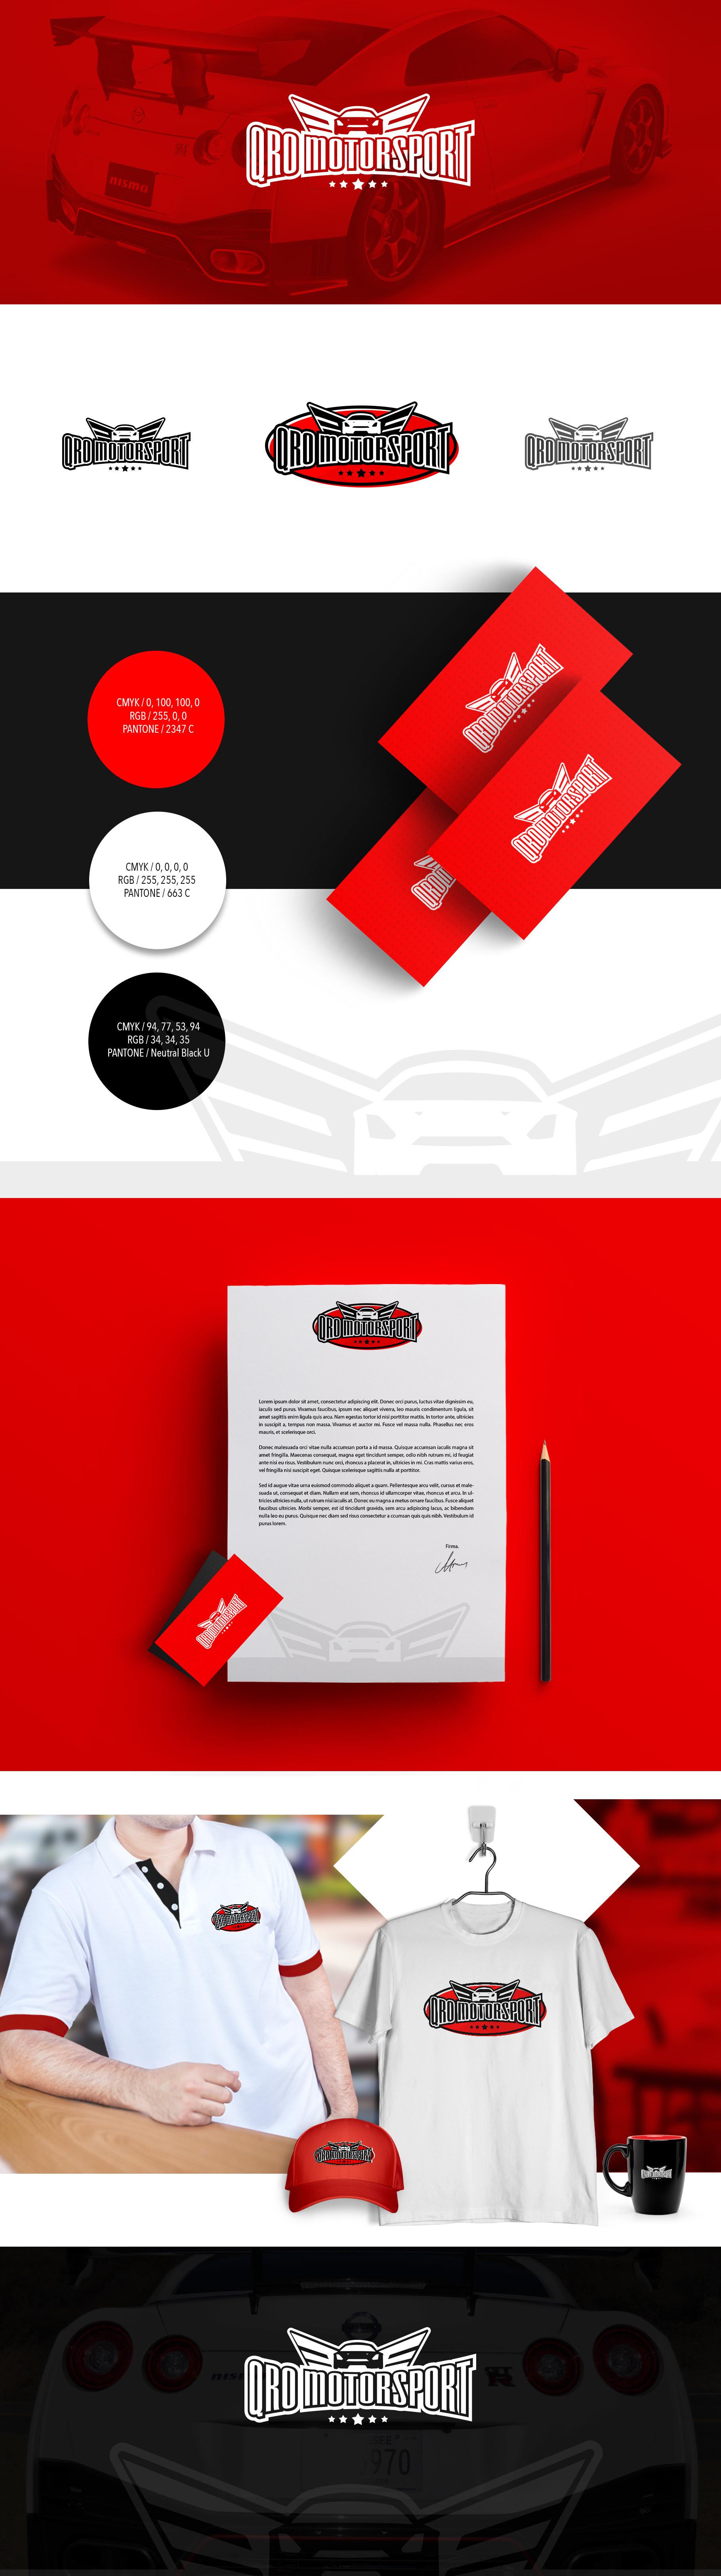 desarrollo de branding para qromotorsport por fernando lugo glz caliente color of the year pms 300 code